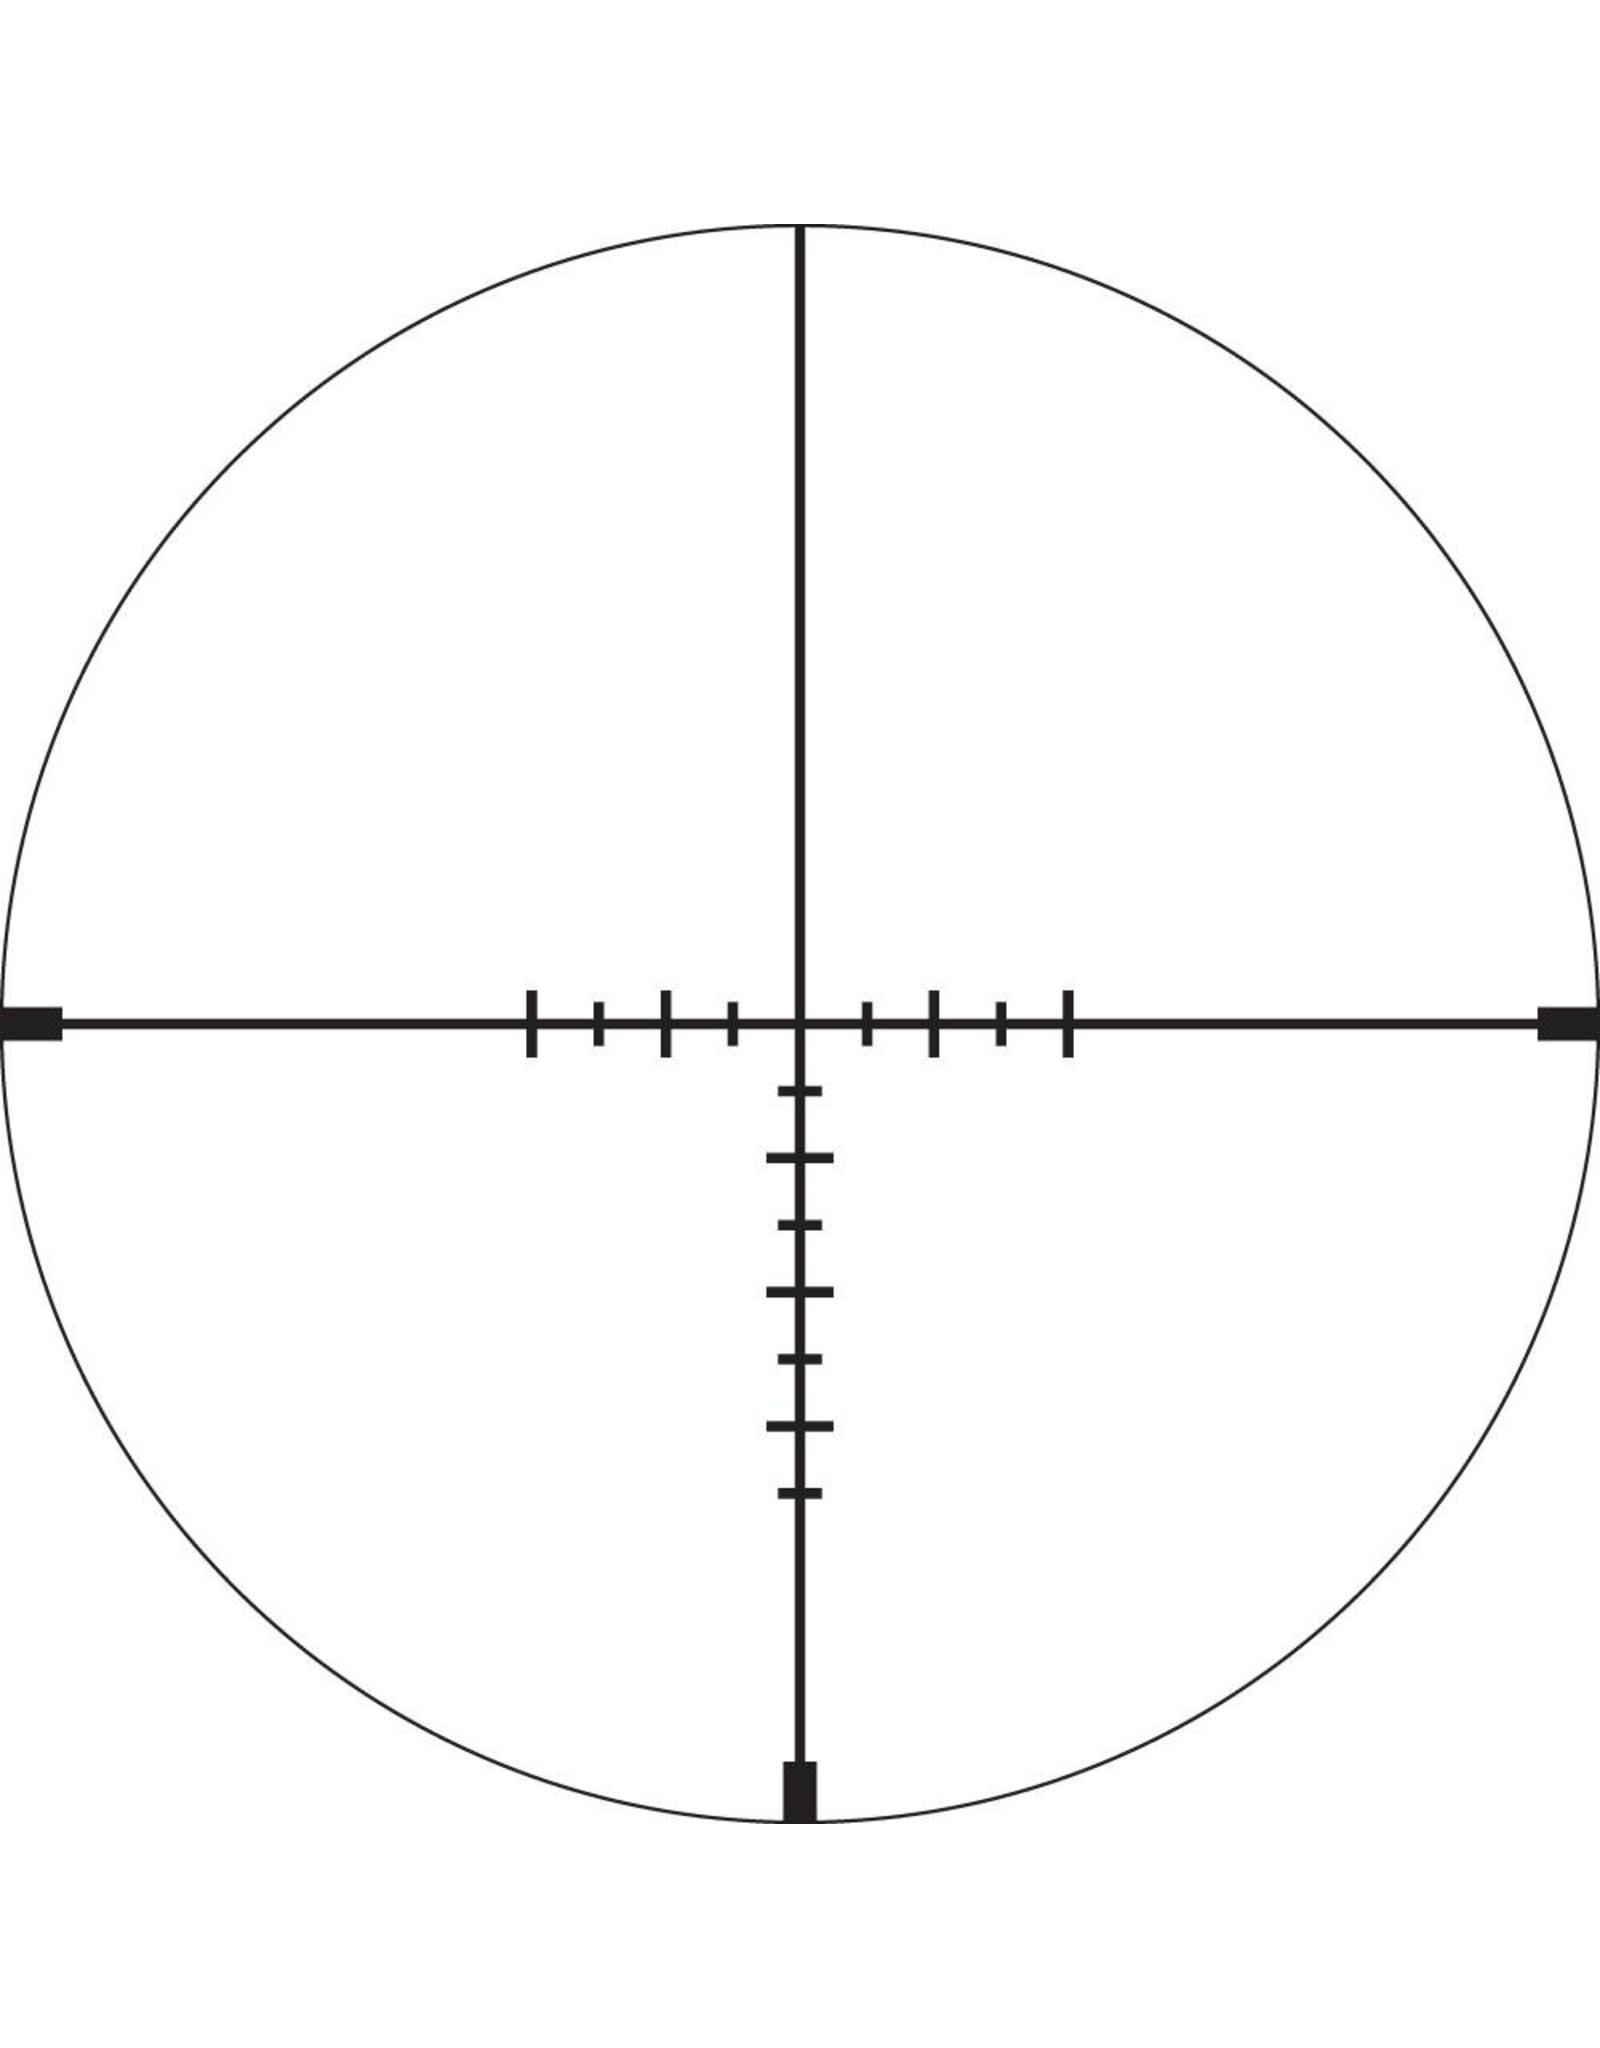 Vortex Vortex Viper PST 1-6x24 SFP Riflescope with VMR-2 MRAD